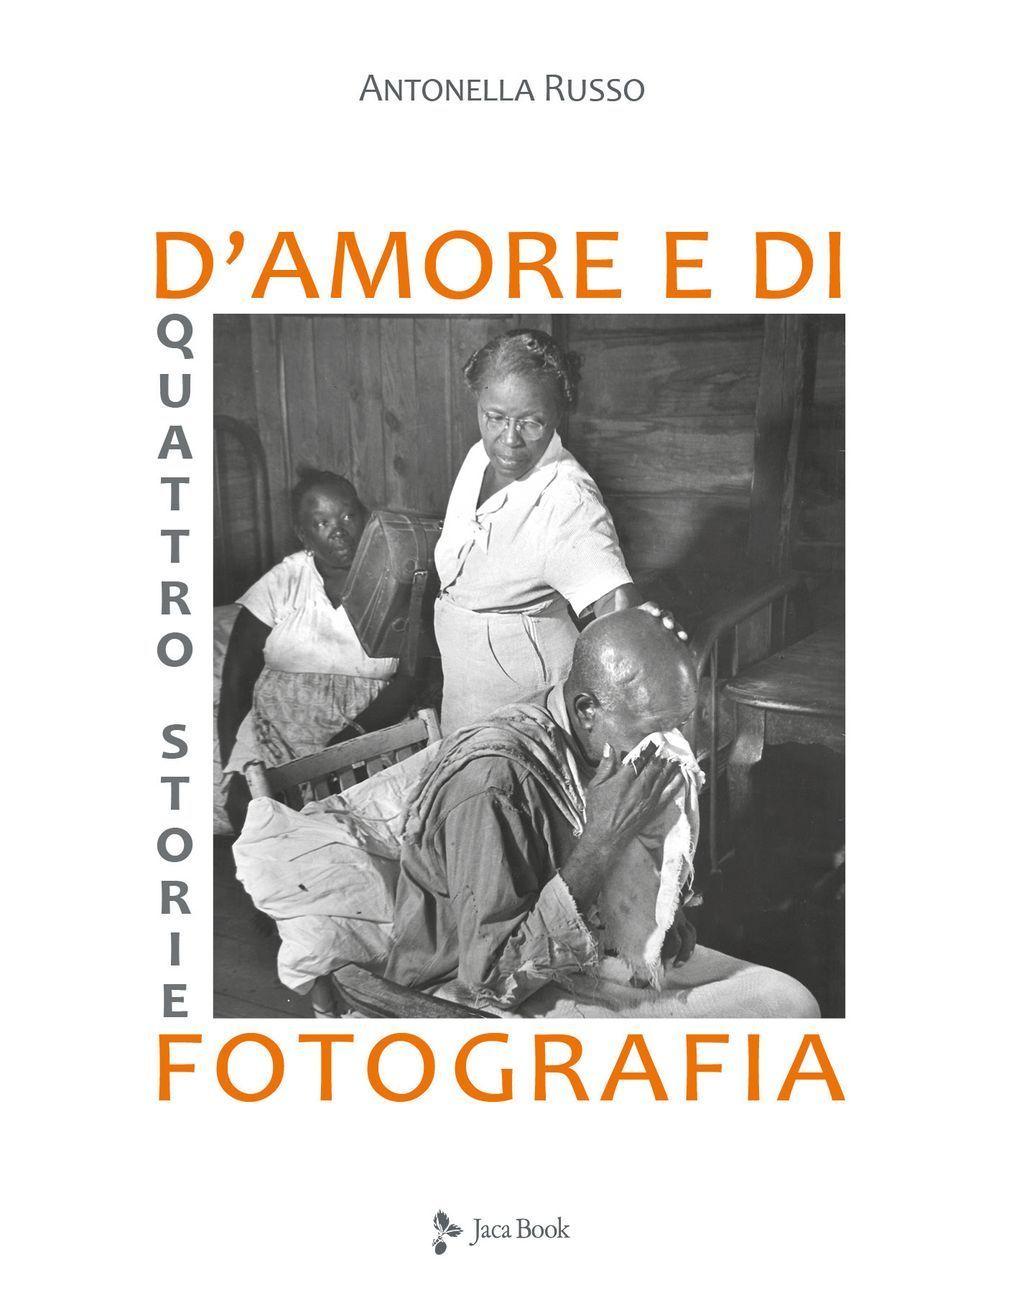 Antonella Russo – Quattro storie d'amore e di fotografia, Jaca Book, Milano 2021